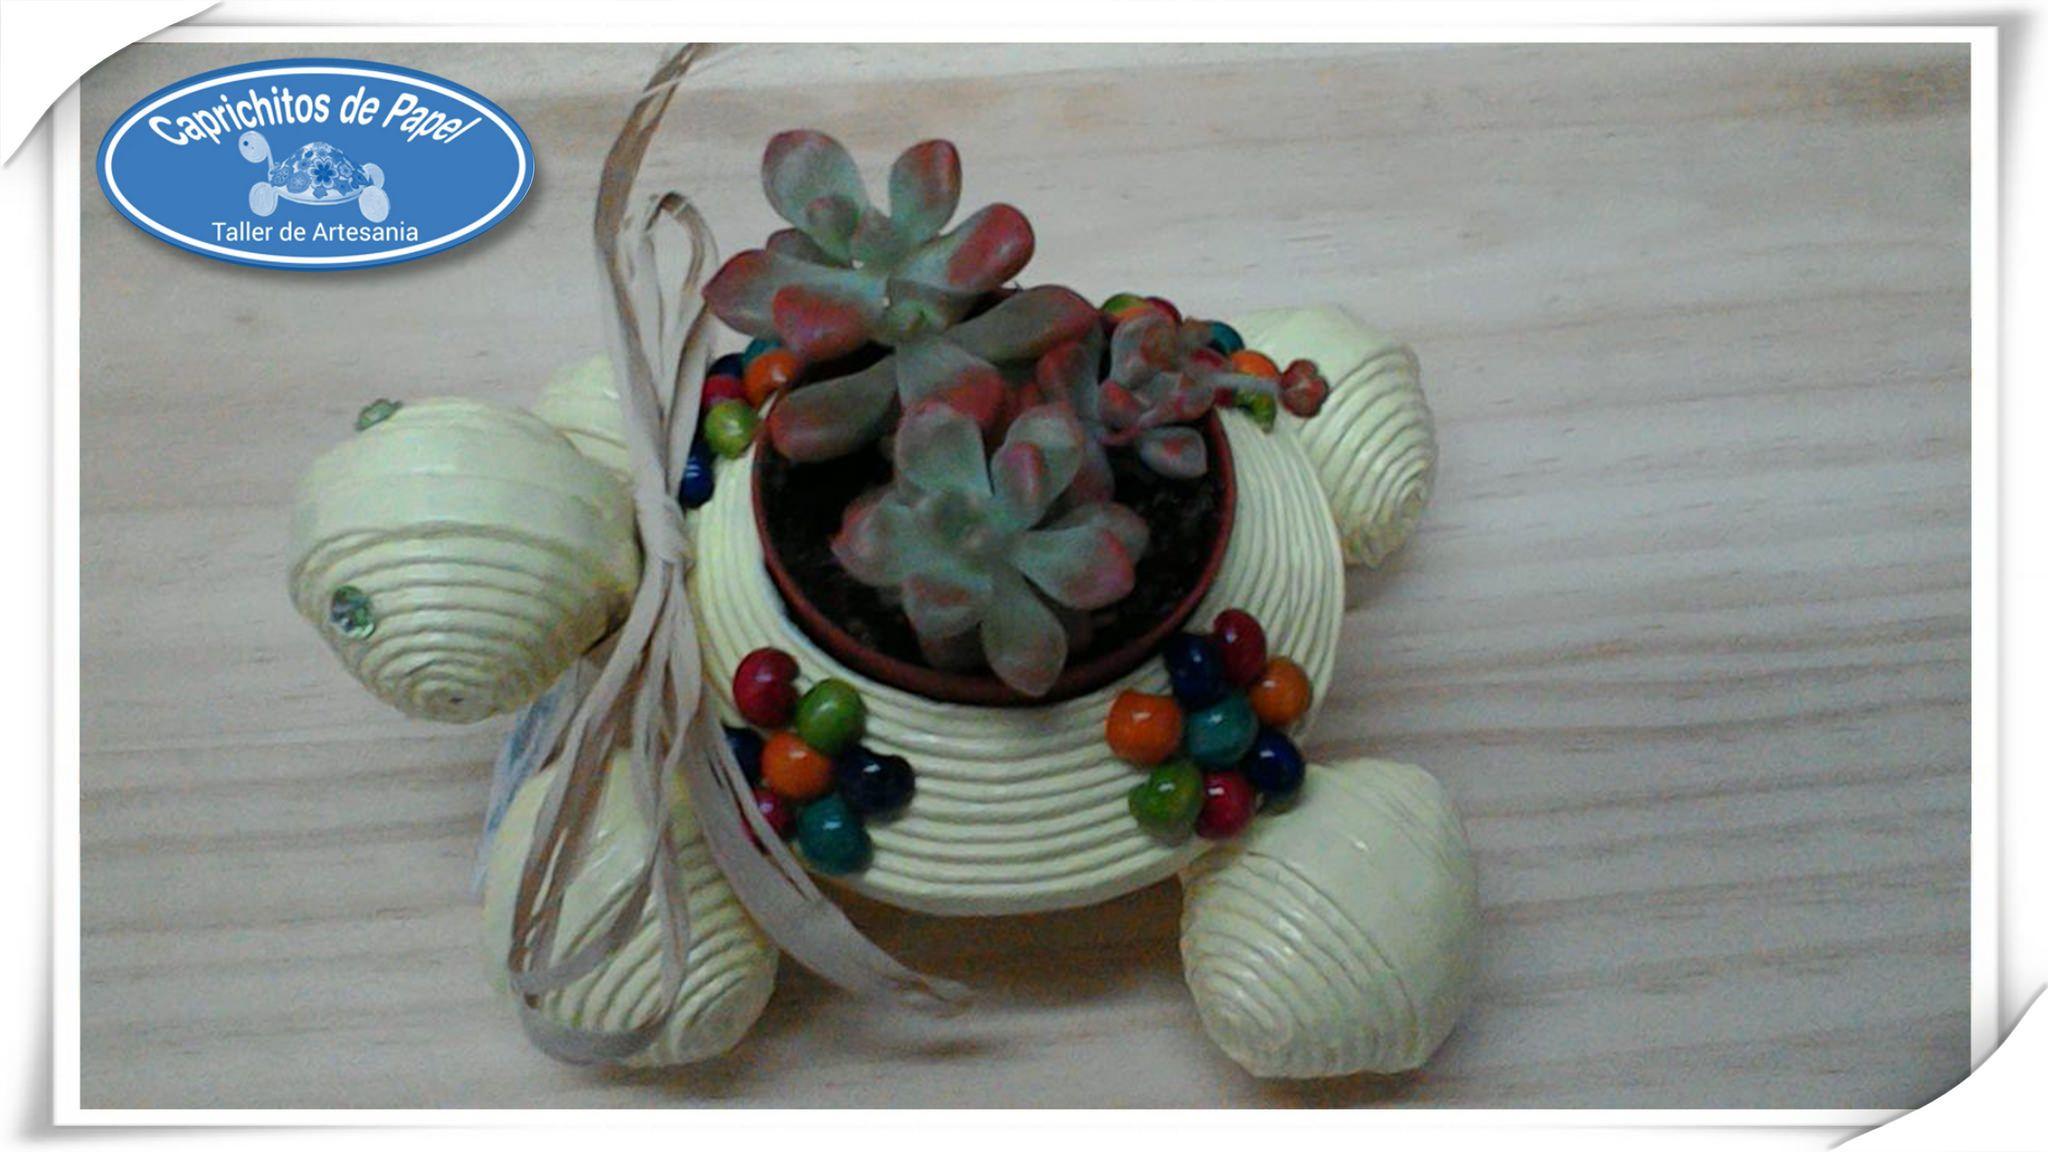 https://flic.kr/p/ruAyok   Tortuga Porta Macetas   Cajita Joyero Tortuga, hecha de papel de periódico y adornada con flores de bolas de colores, todos los materiales reciclados 100/*100.  Caprichitos de Papel ®